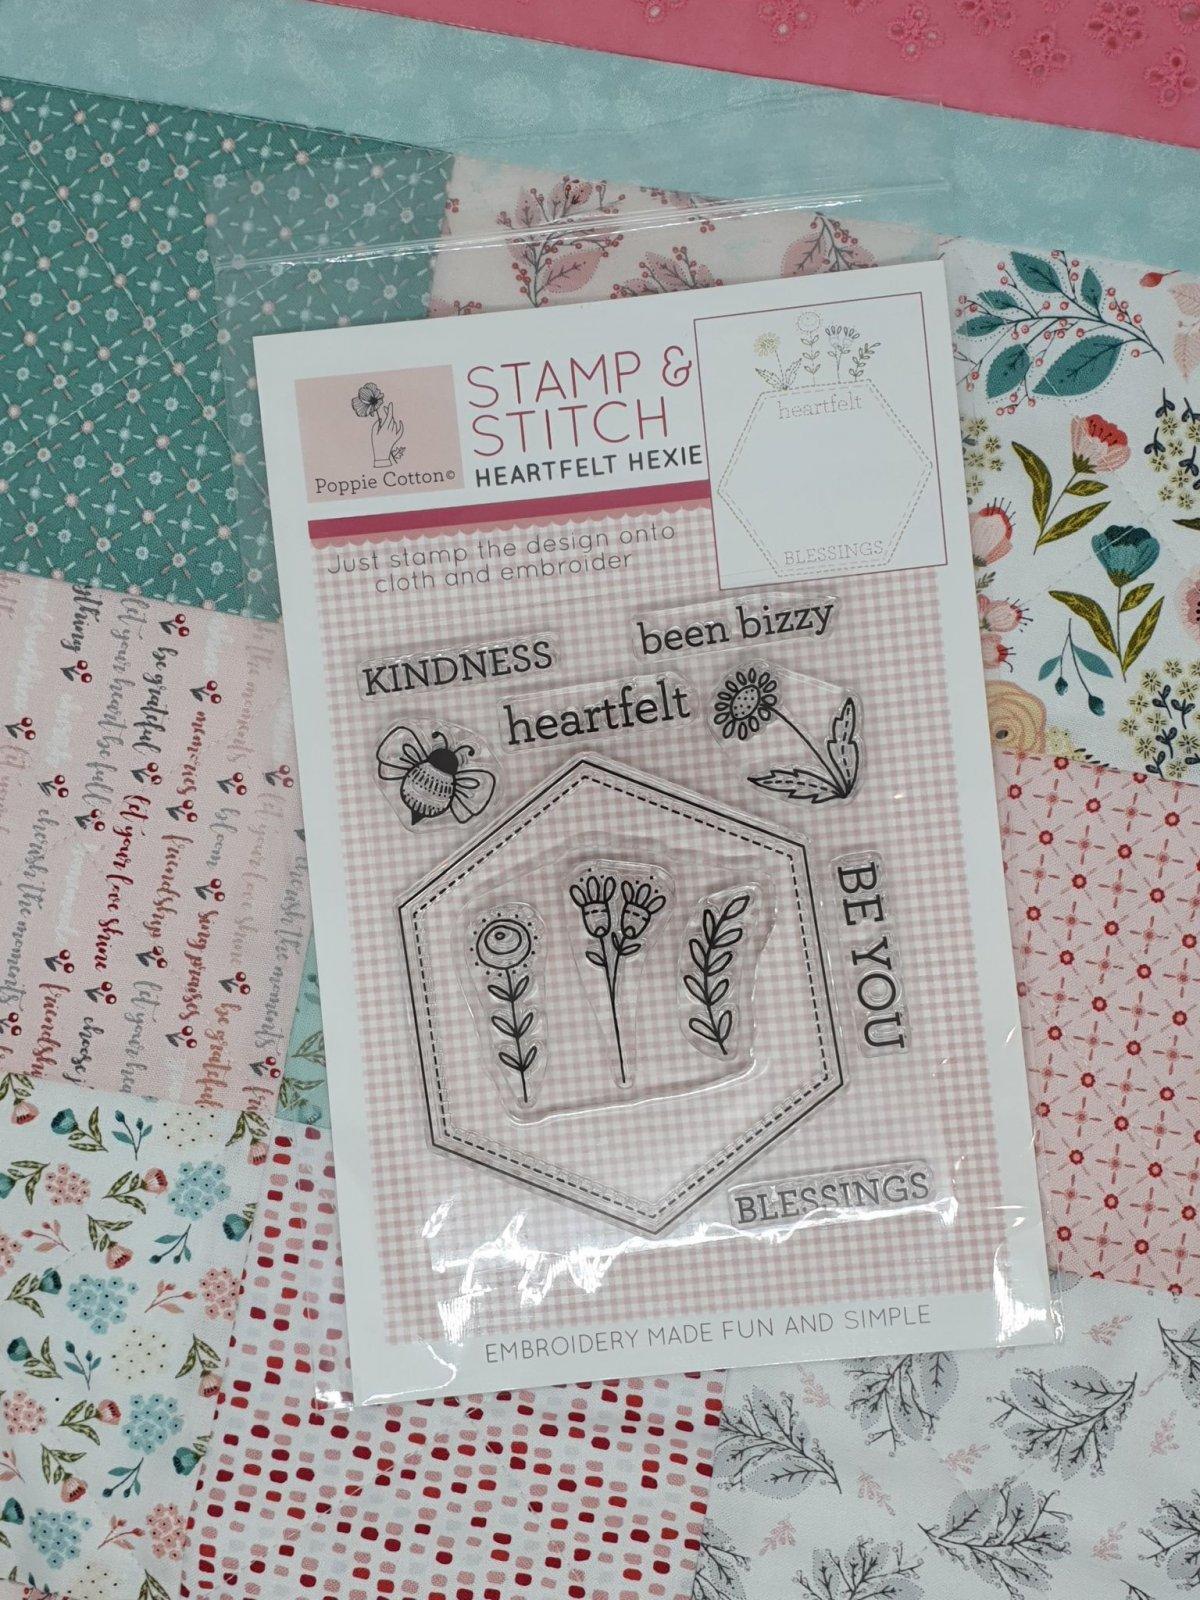 Stamp & Stitch, Heartfelt Hexie Label